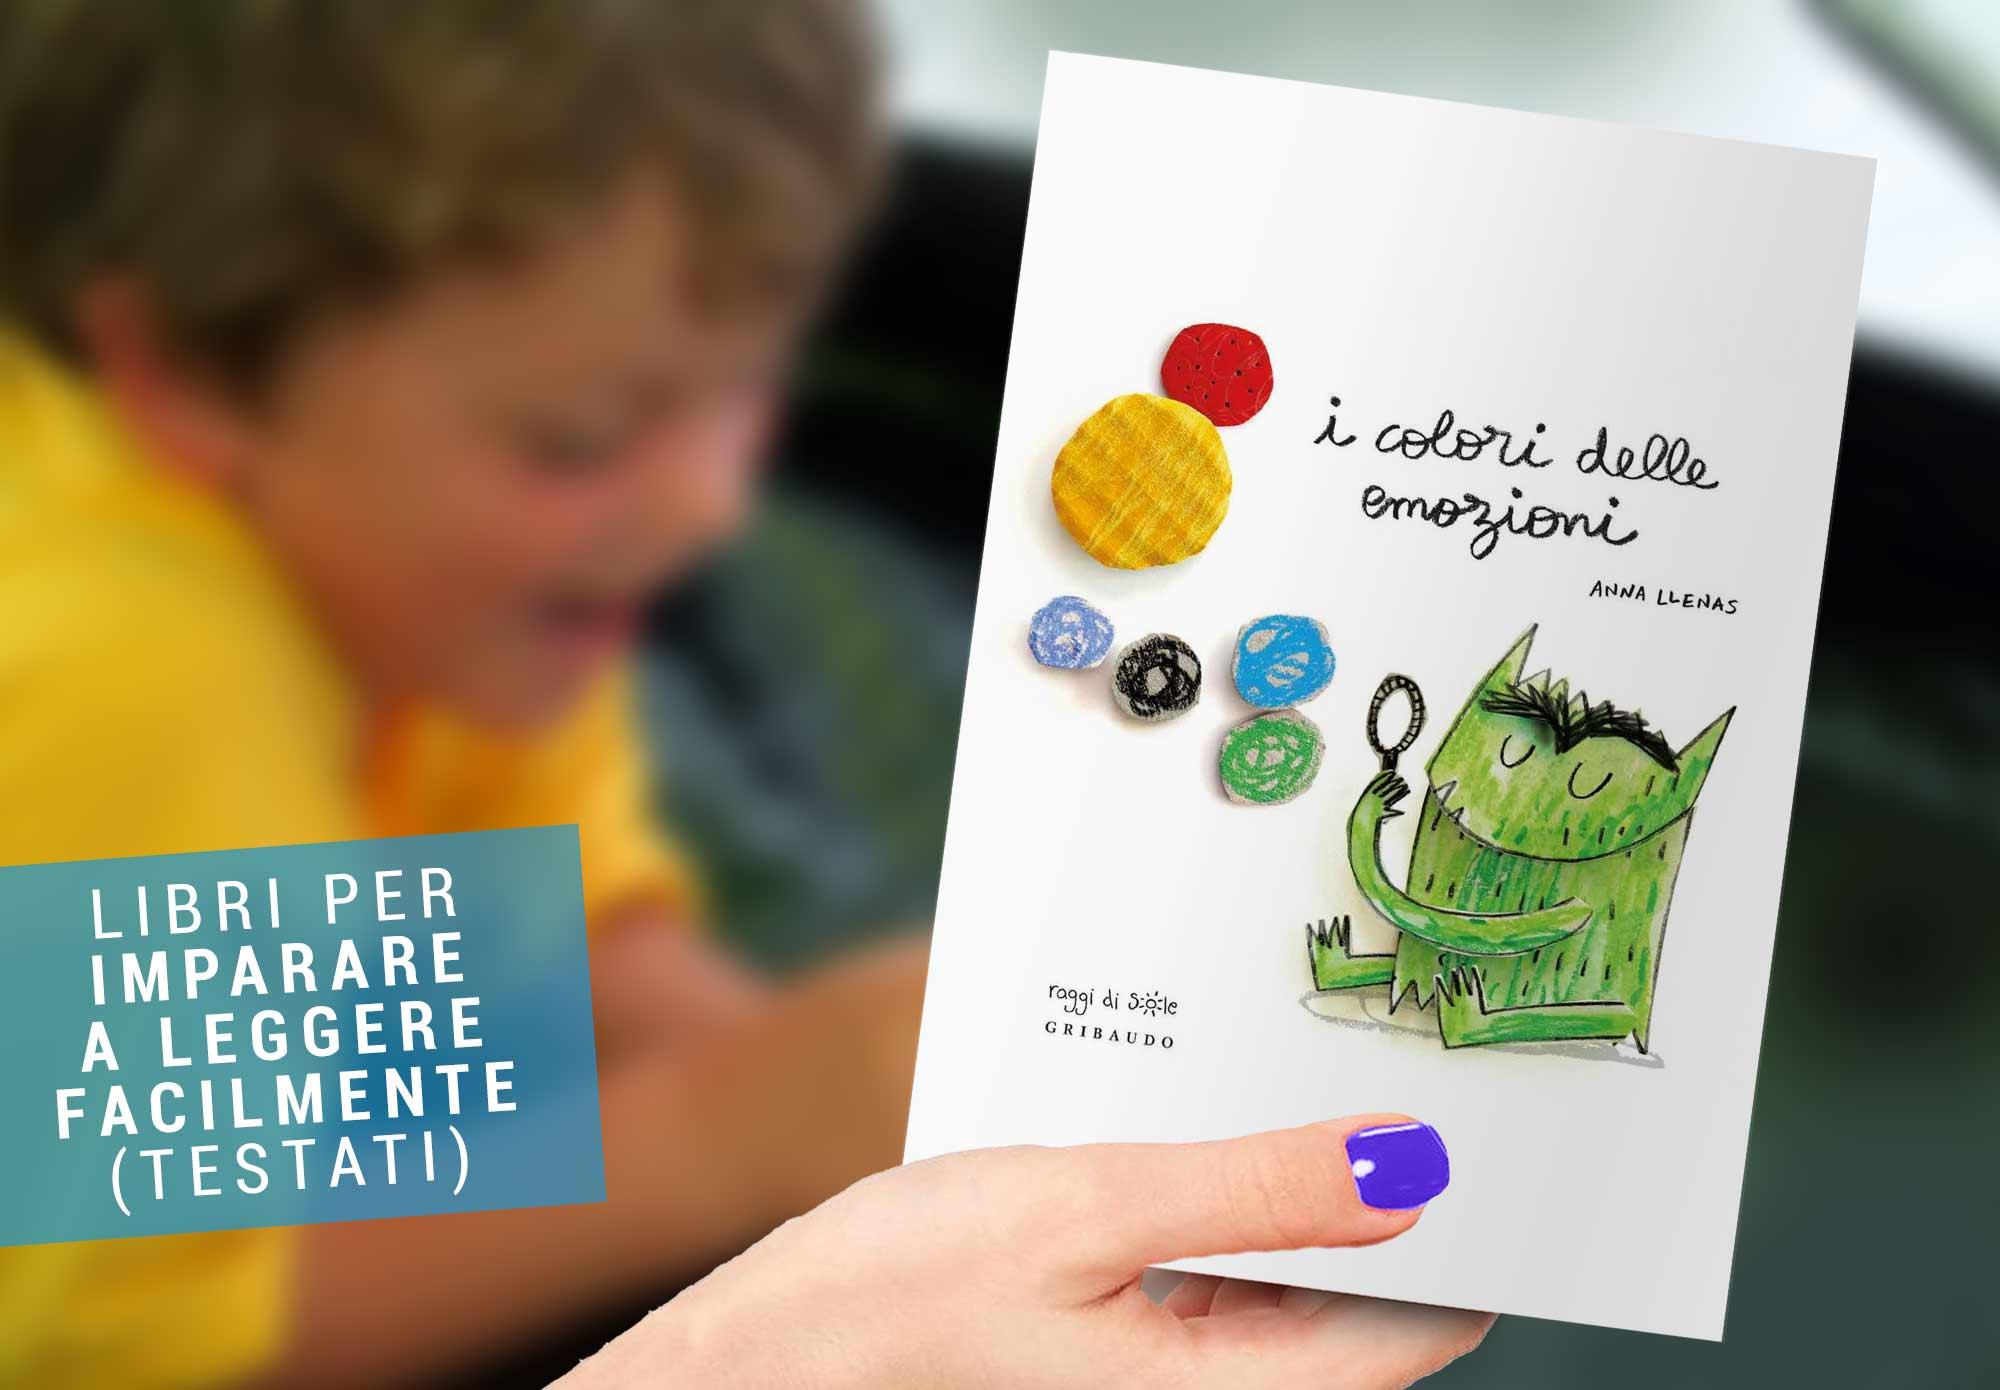 imparare-a-leggere-libro-cartonato